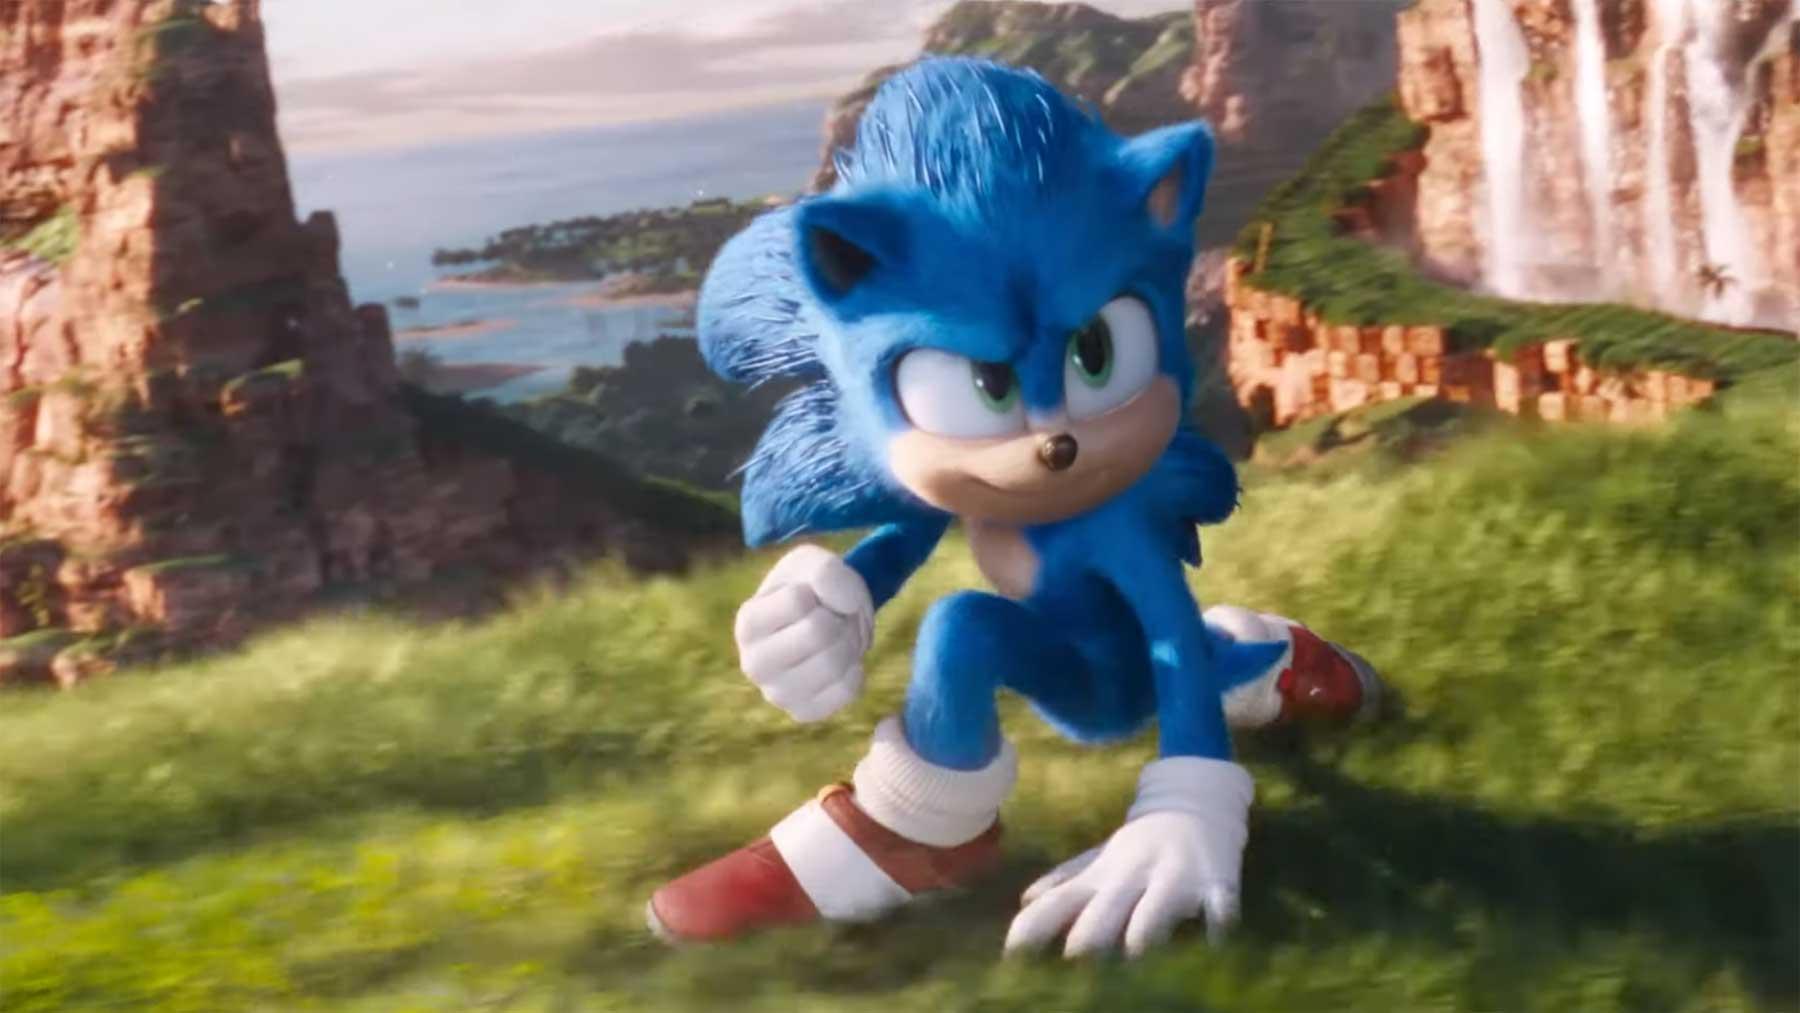 Sonic The Hedgehog: Überarbeiteter neuer Trailer zum Kinofilm neuer-sonic-film-trailer